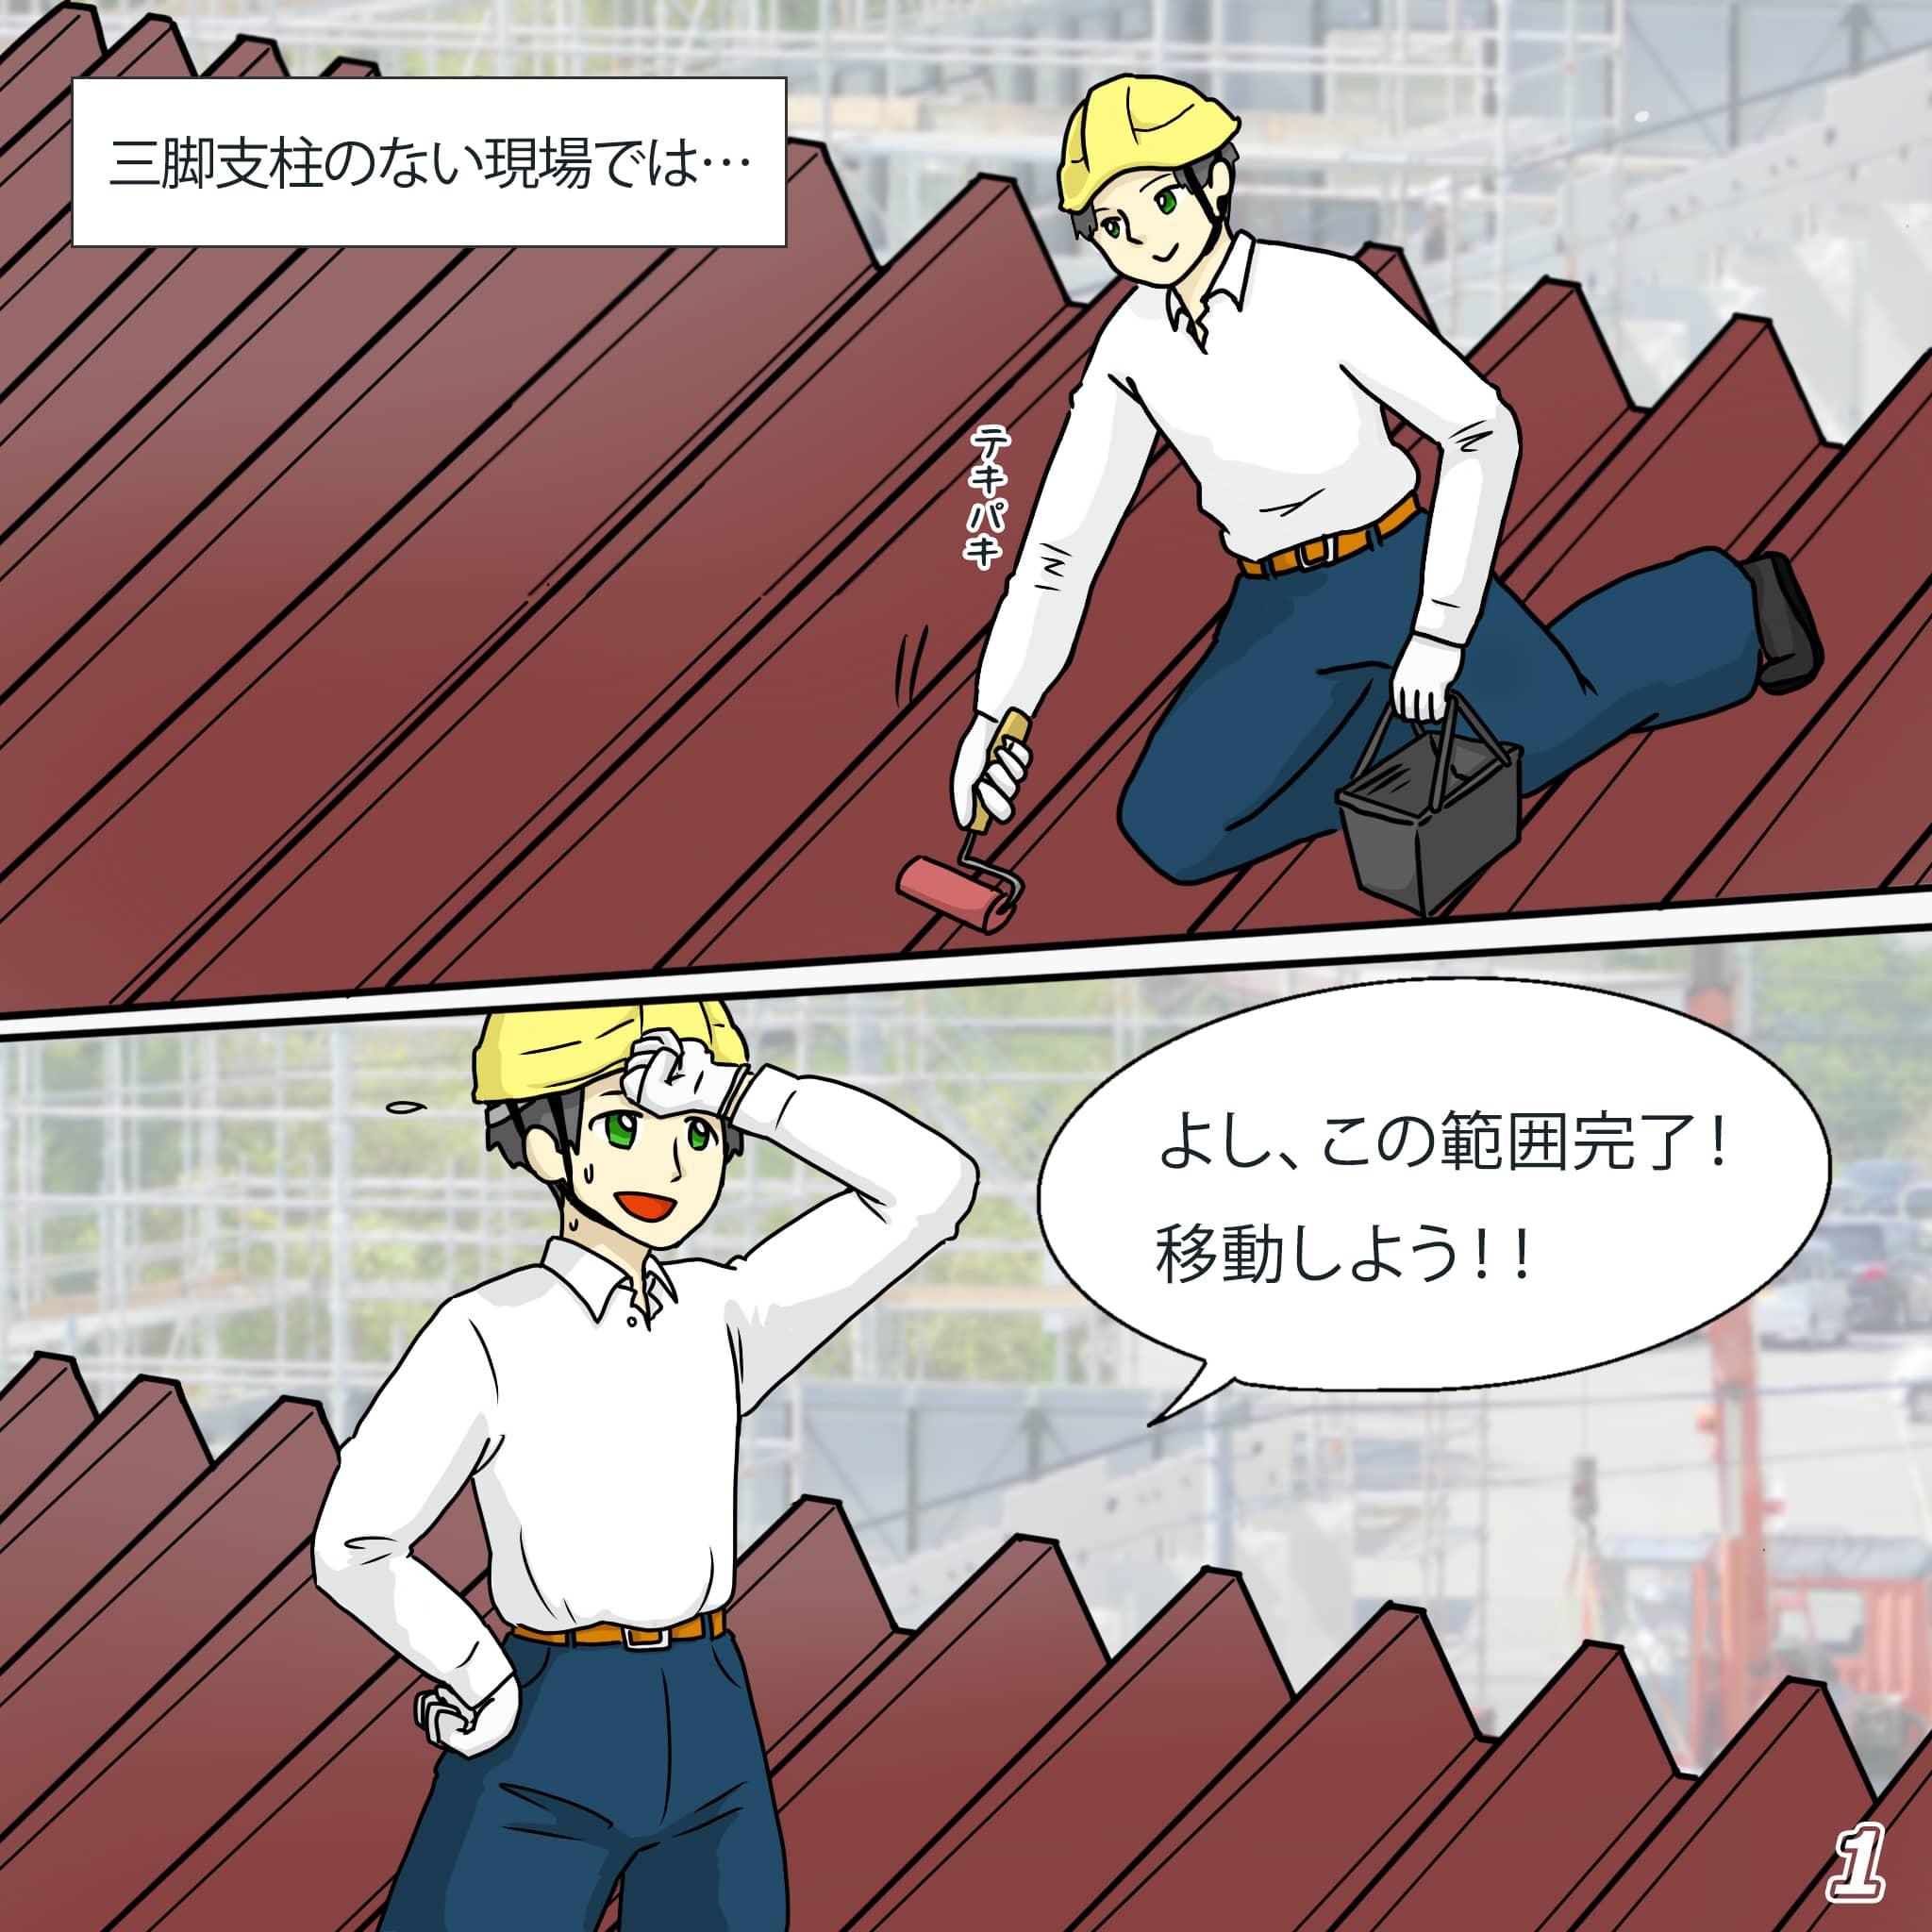 折板屋根上でペンキ屋さんが屋根を動きながら塗装しているマンガ